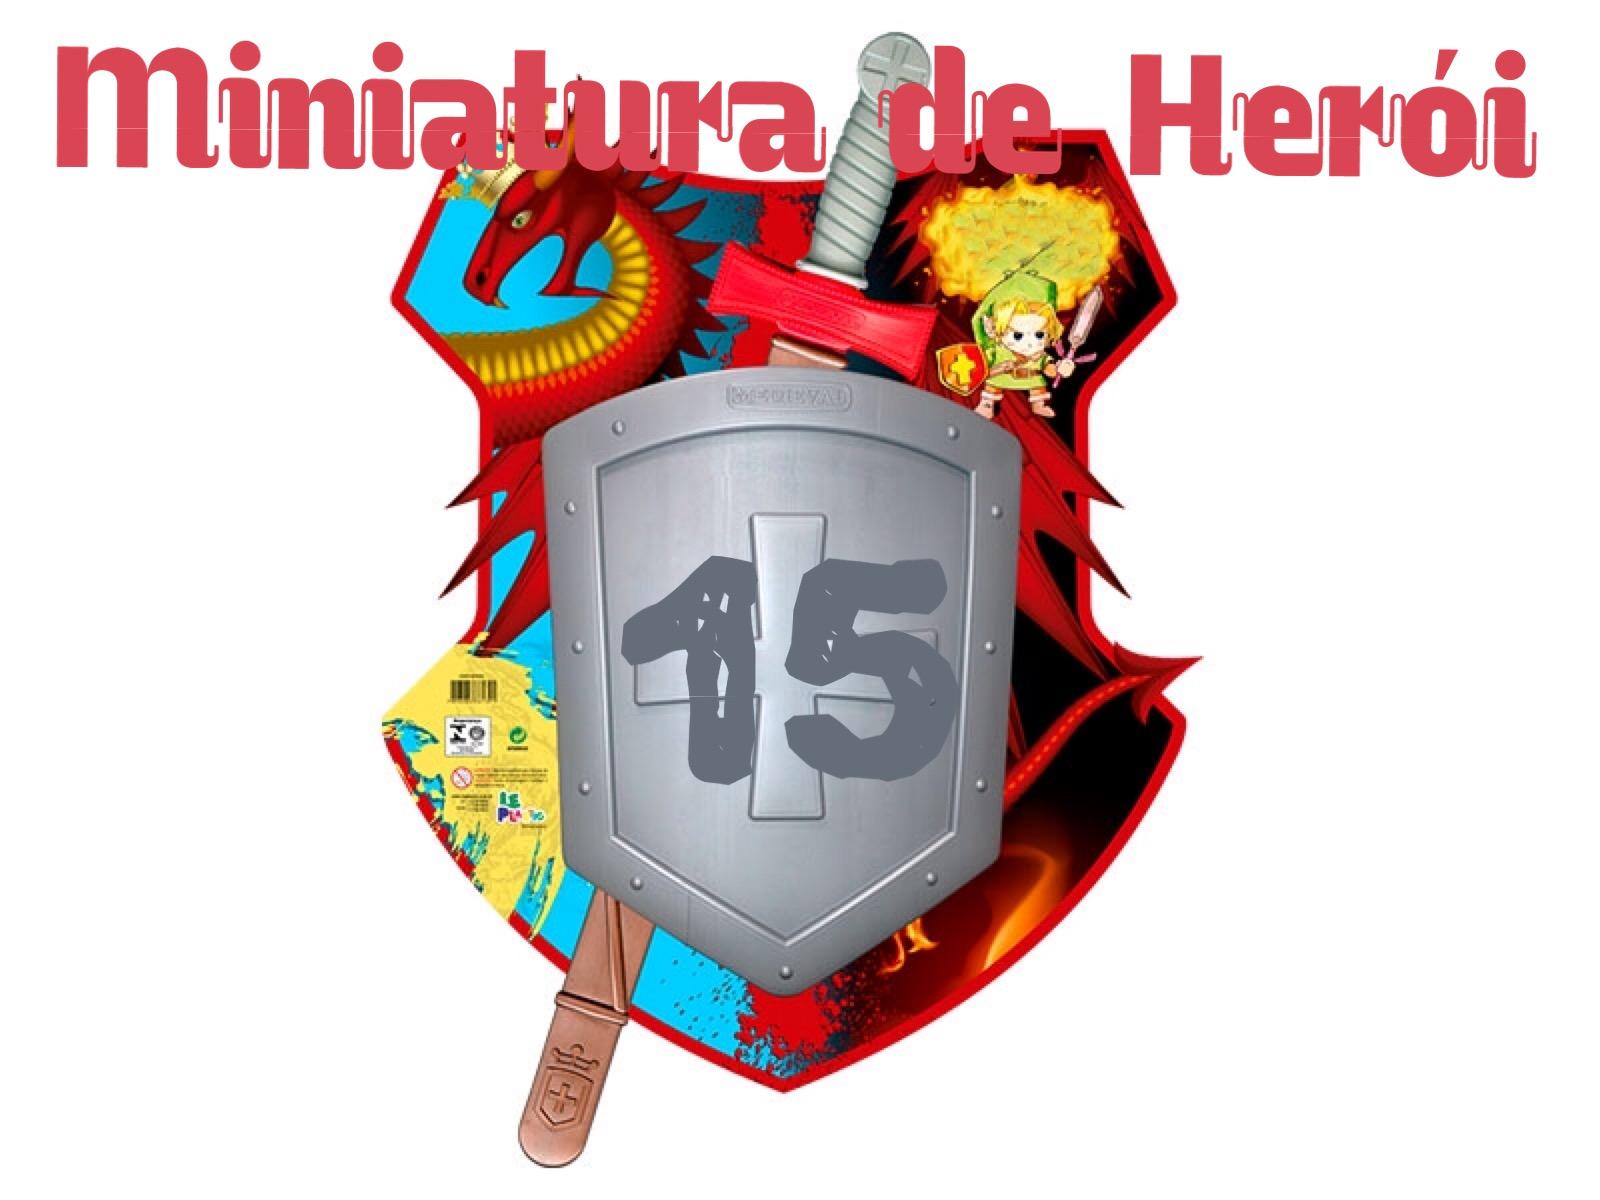 Promoção da Miniatura de Herói dá 15% de desconto em colecionáveis exclusivos 10